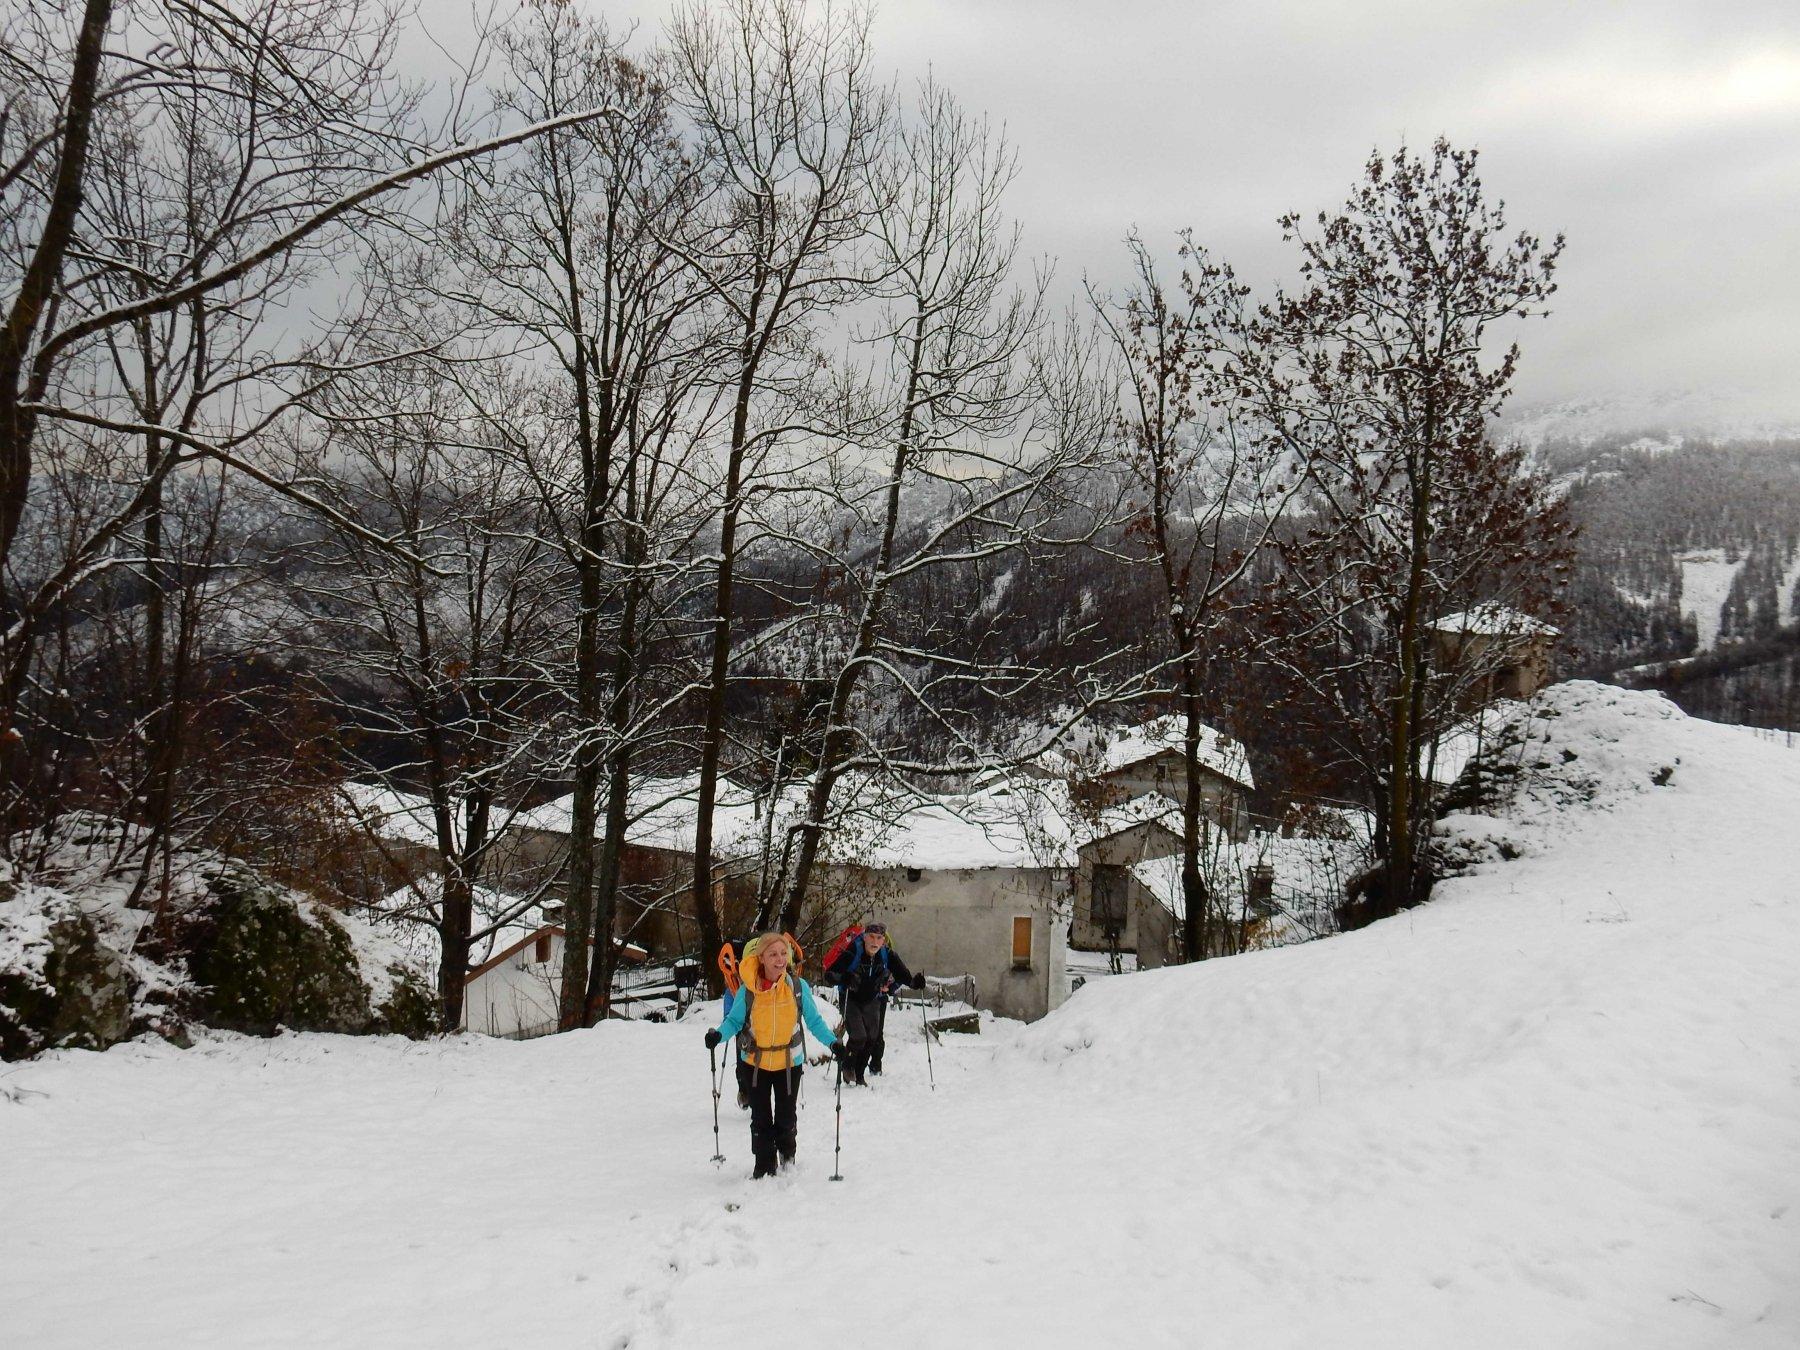 Partenza da Niquidetto con pochi cm. di neve fresca.